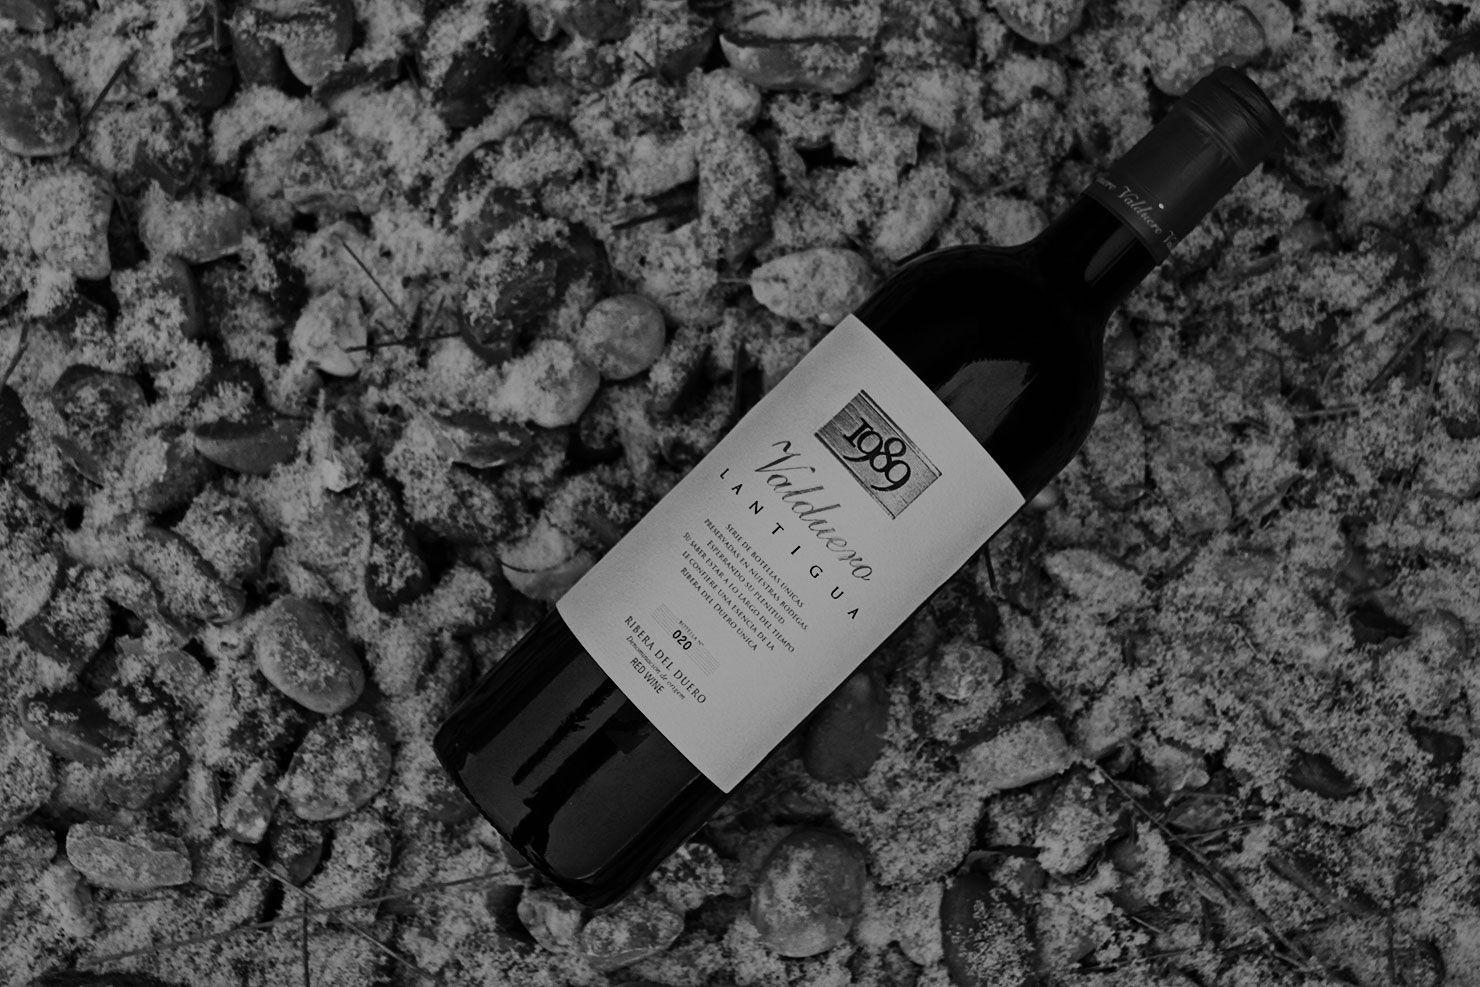 Lantigua, vino de 1989, vino caro de la RIbera del Duero, vino de lujo